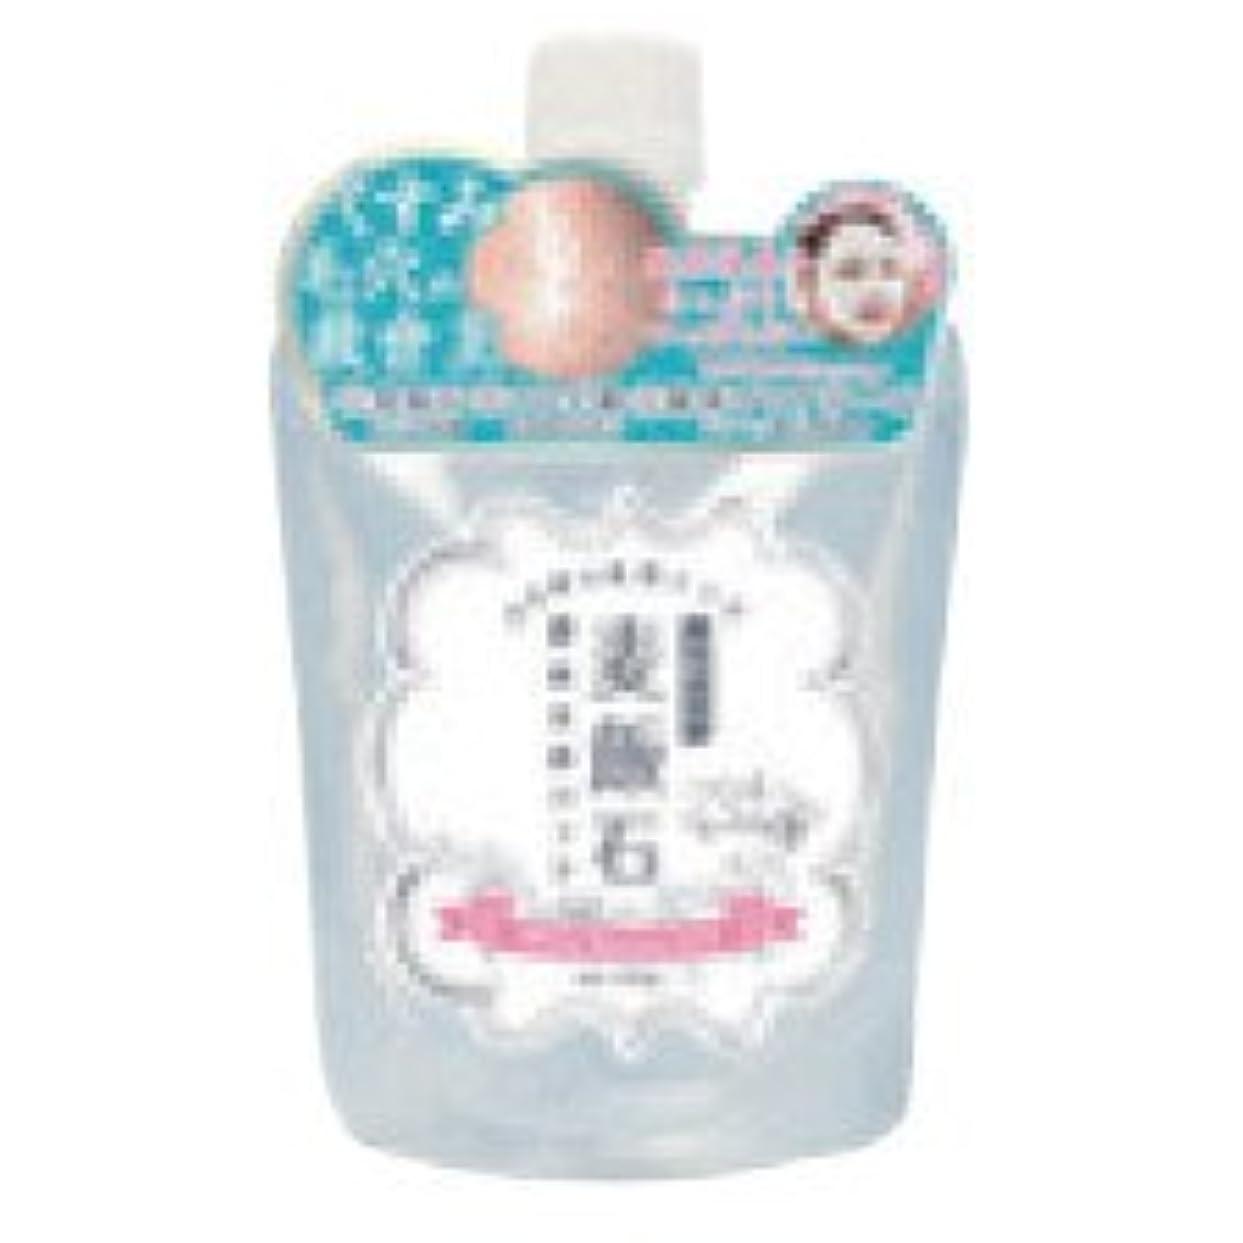 うっかり秀でる安全ホワイトムースパック 美濃白川麦飯石酵素洗顔パック 100g 3個セット